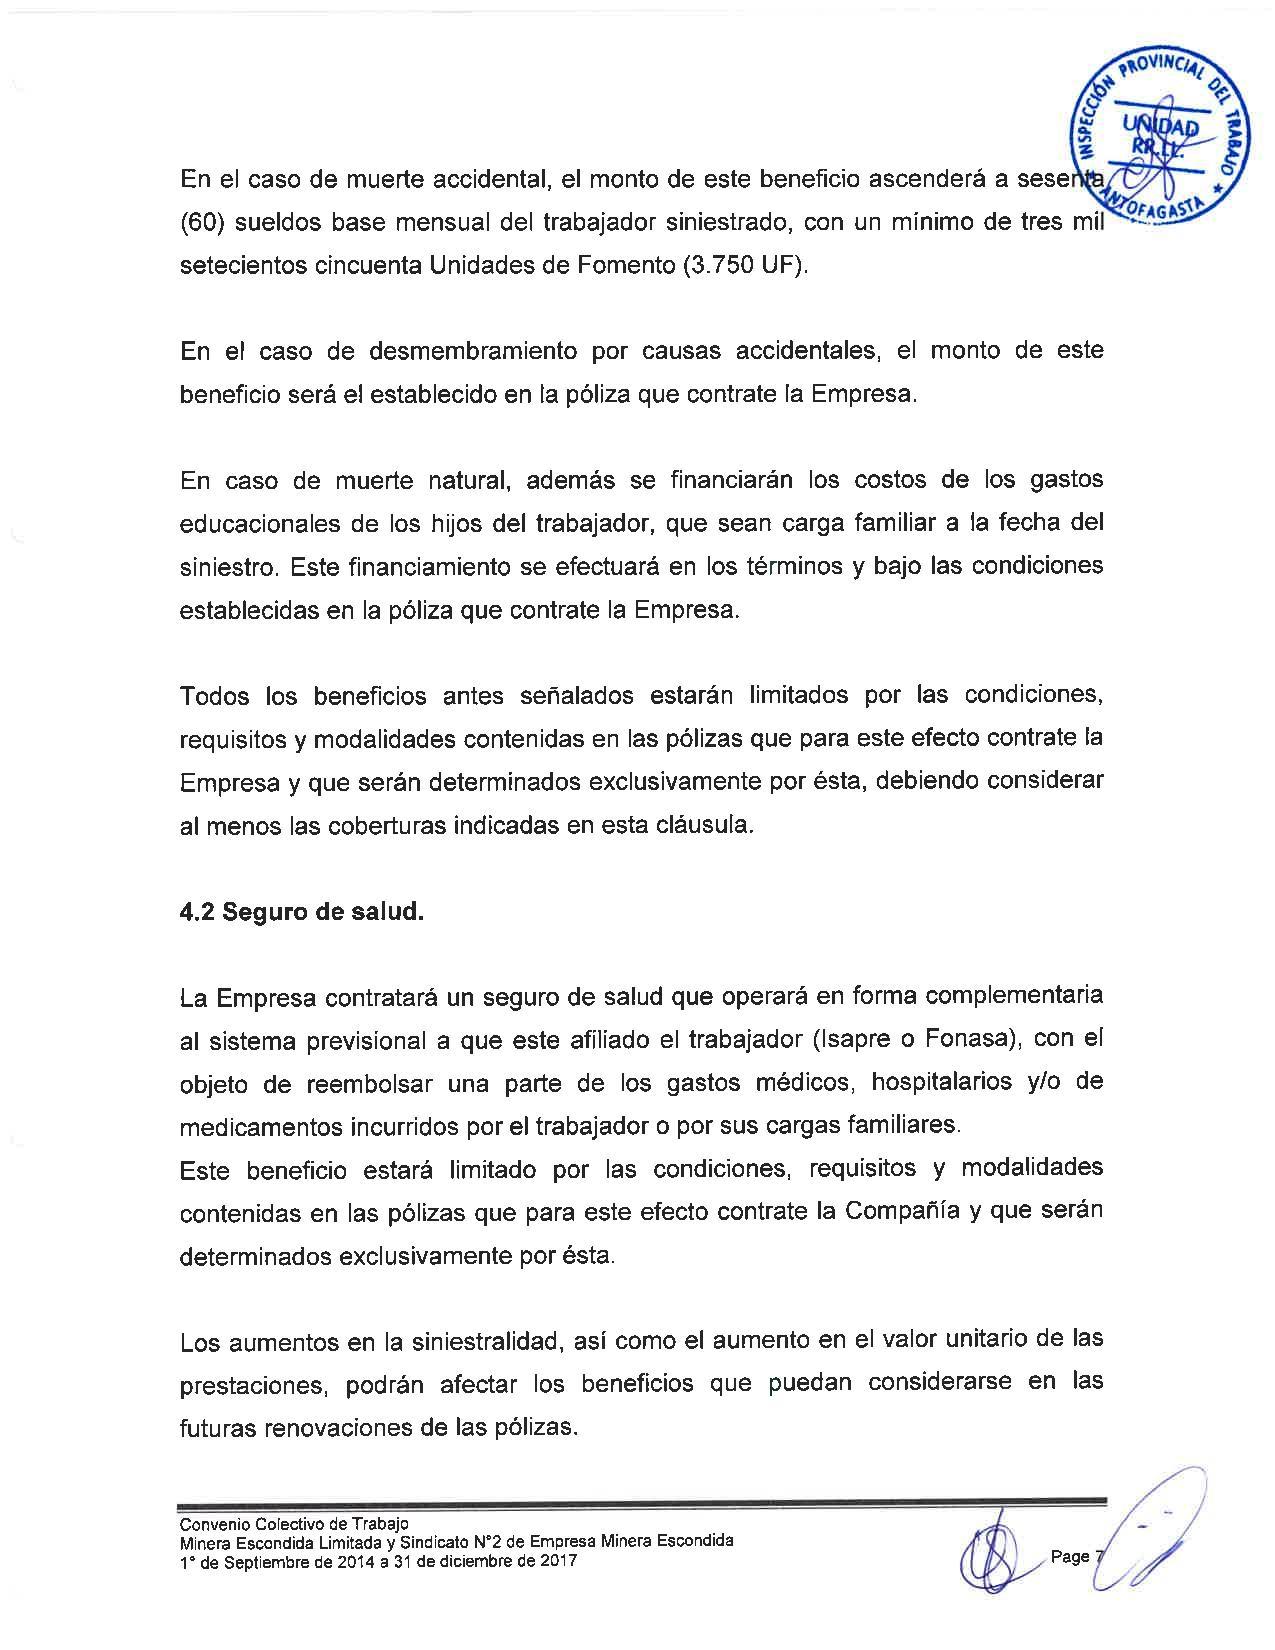 Página (7).jpg